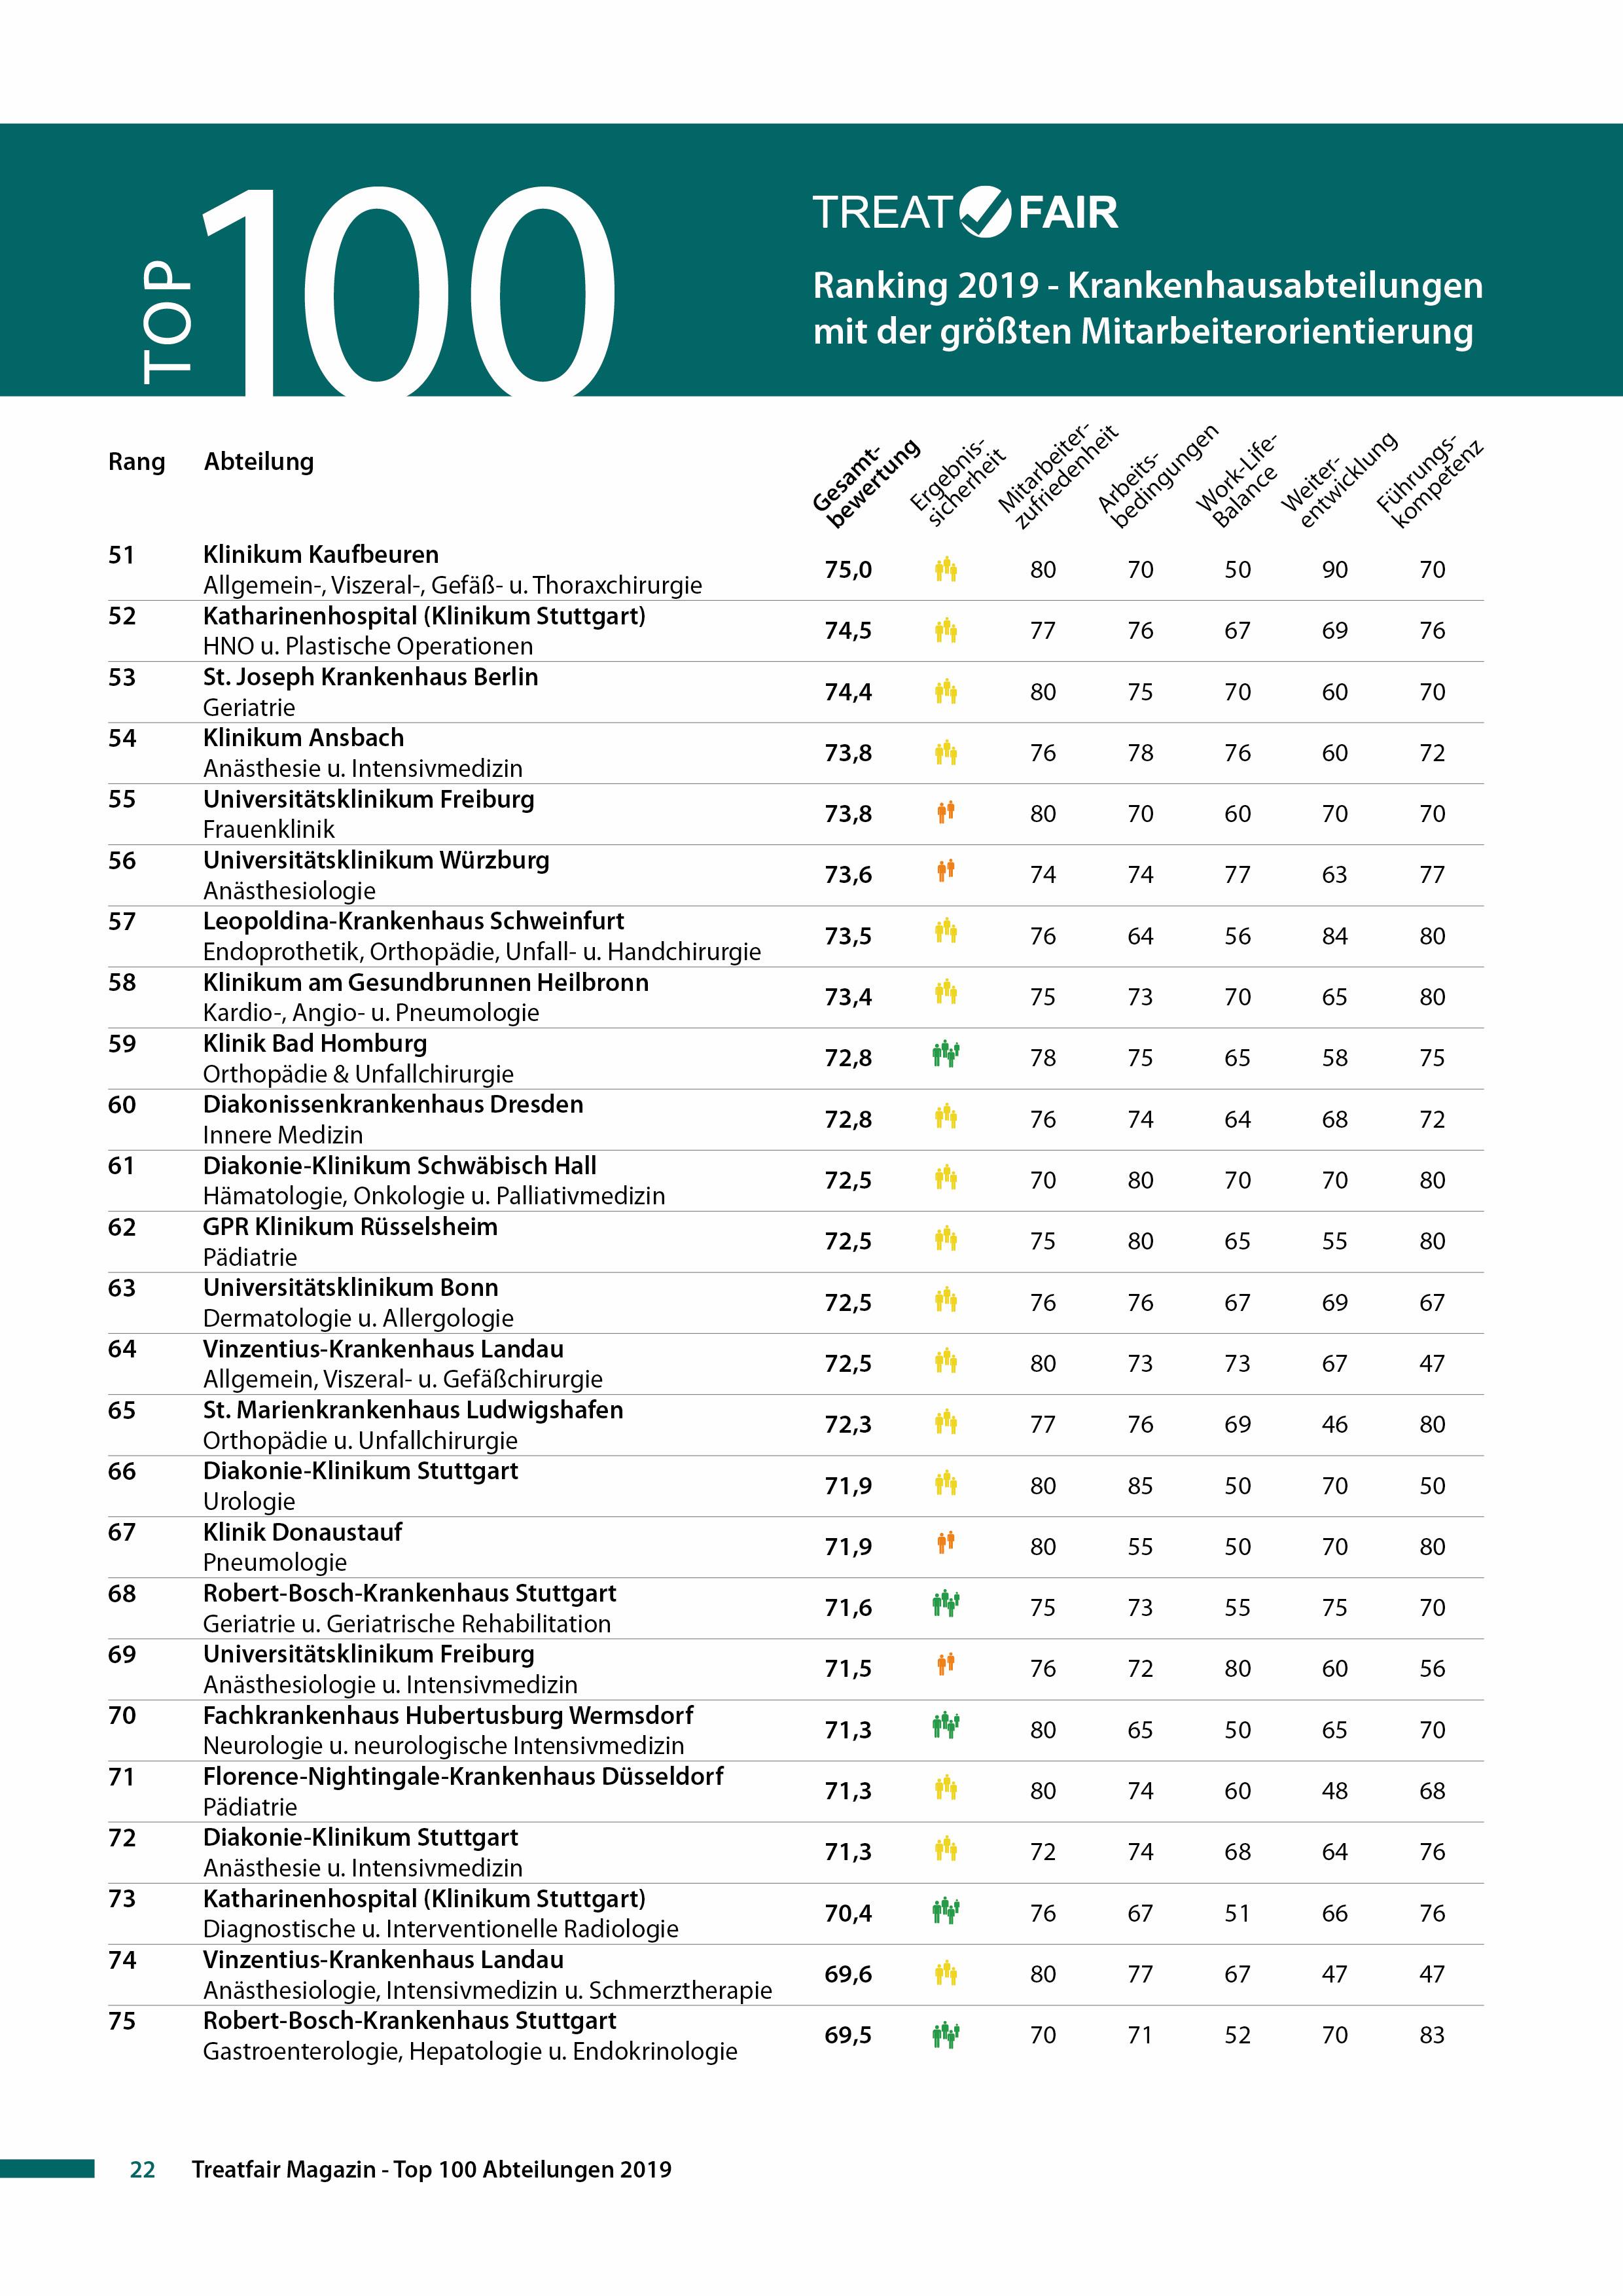 Treatfair Ranking 2019 Top 100 Seite 3.jpg